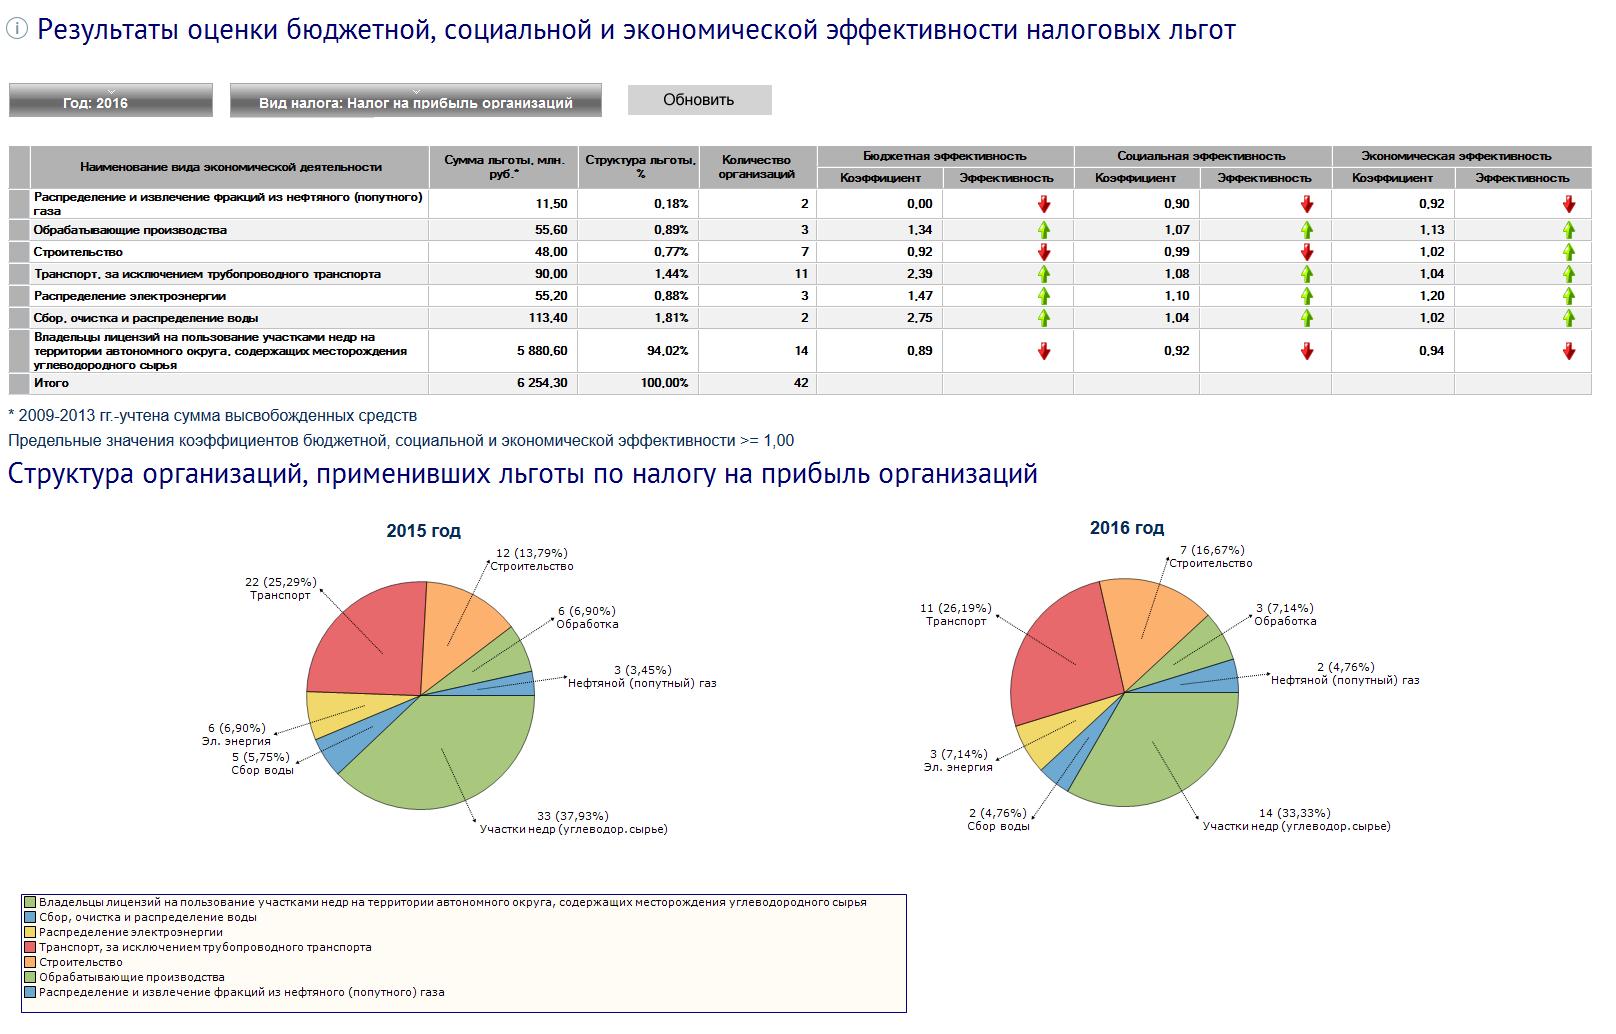 """Аналитический отчет """"Результаты оценки бюджетной, социальной и экономической эффективности представляемых (планируемых к предоставлению) налоговых льгот"""""""